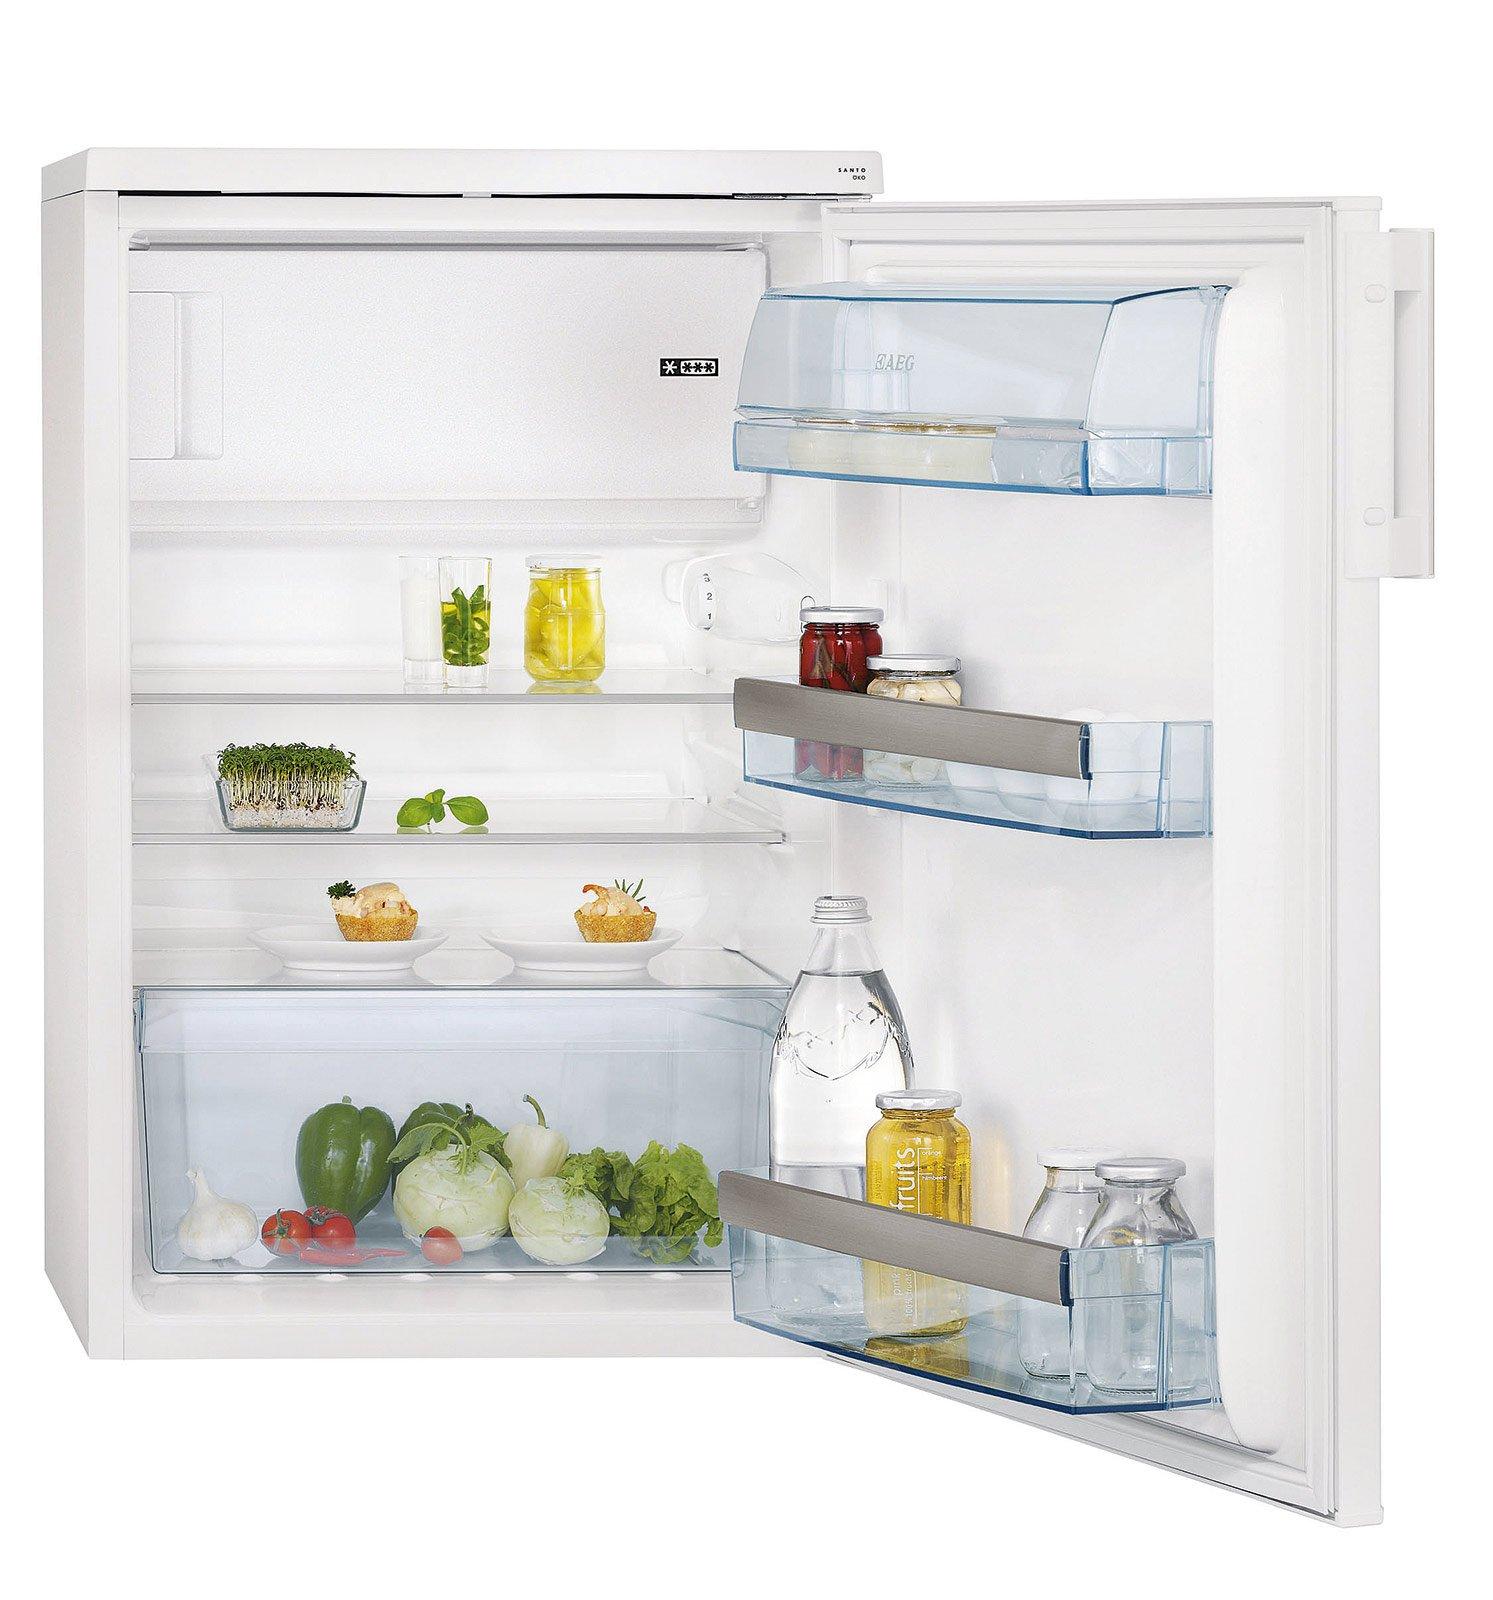 Frigorifero e congelatore in poco spazio - Cose di Casa